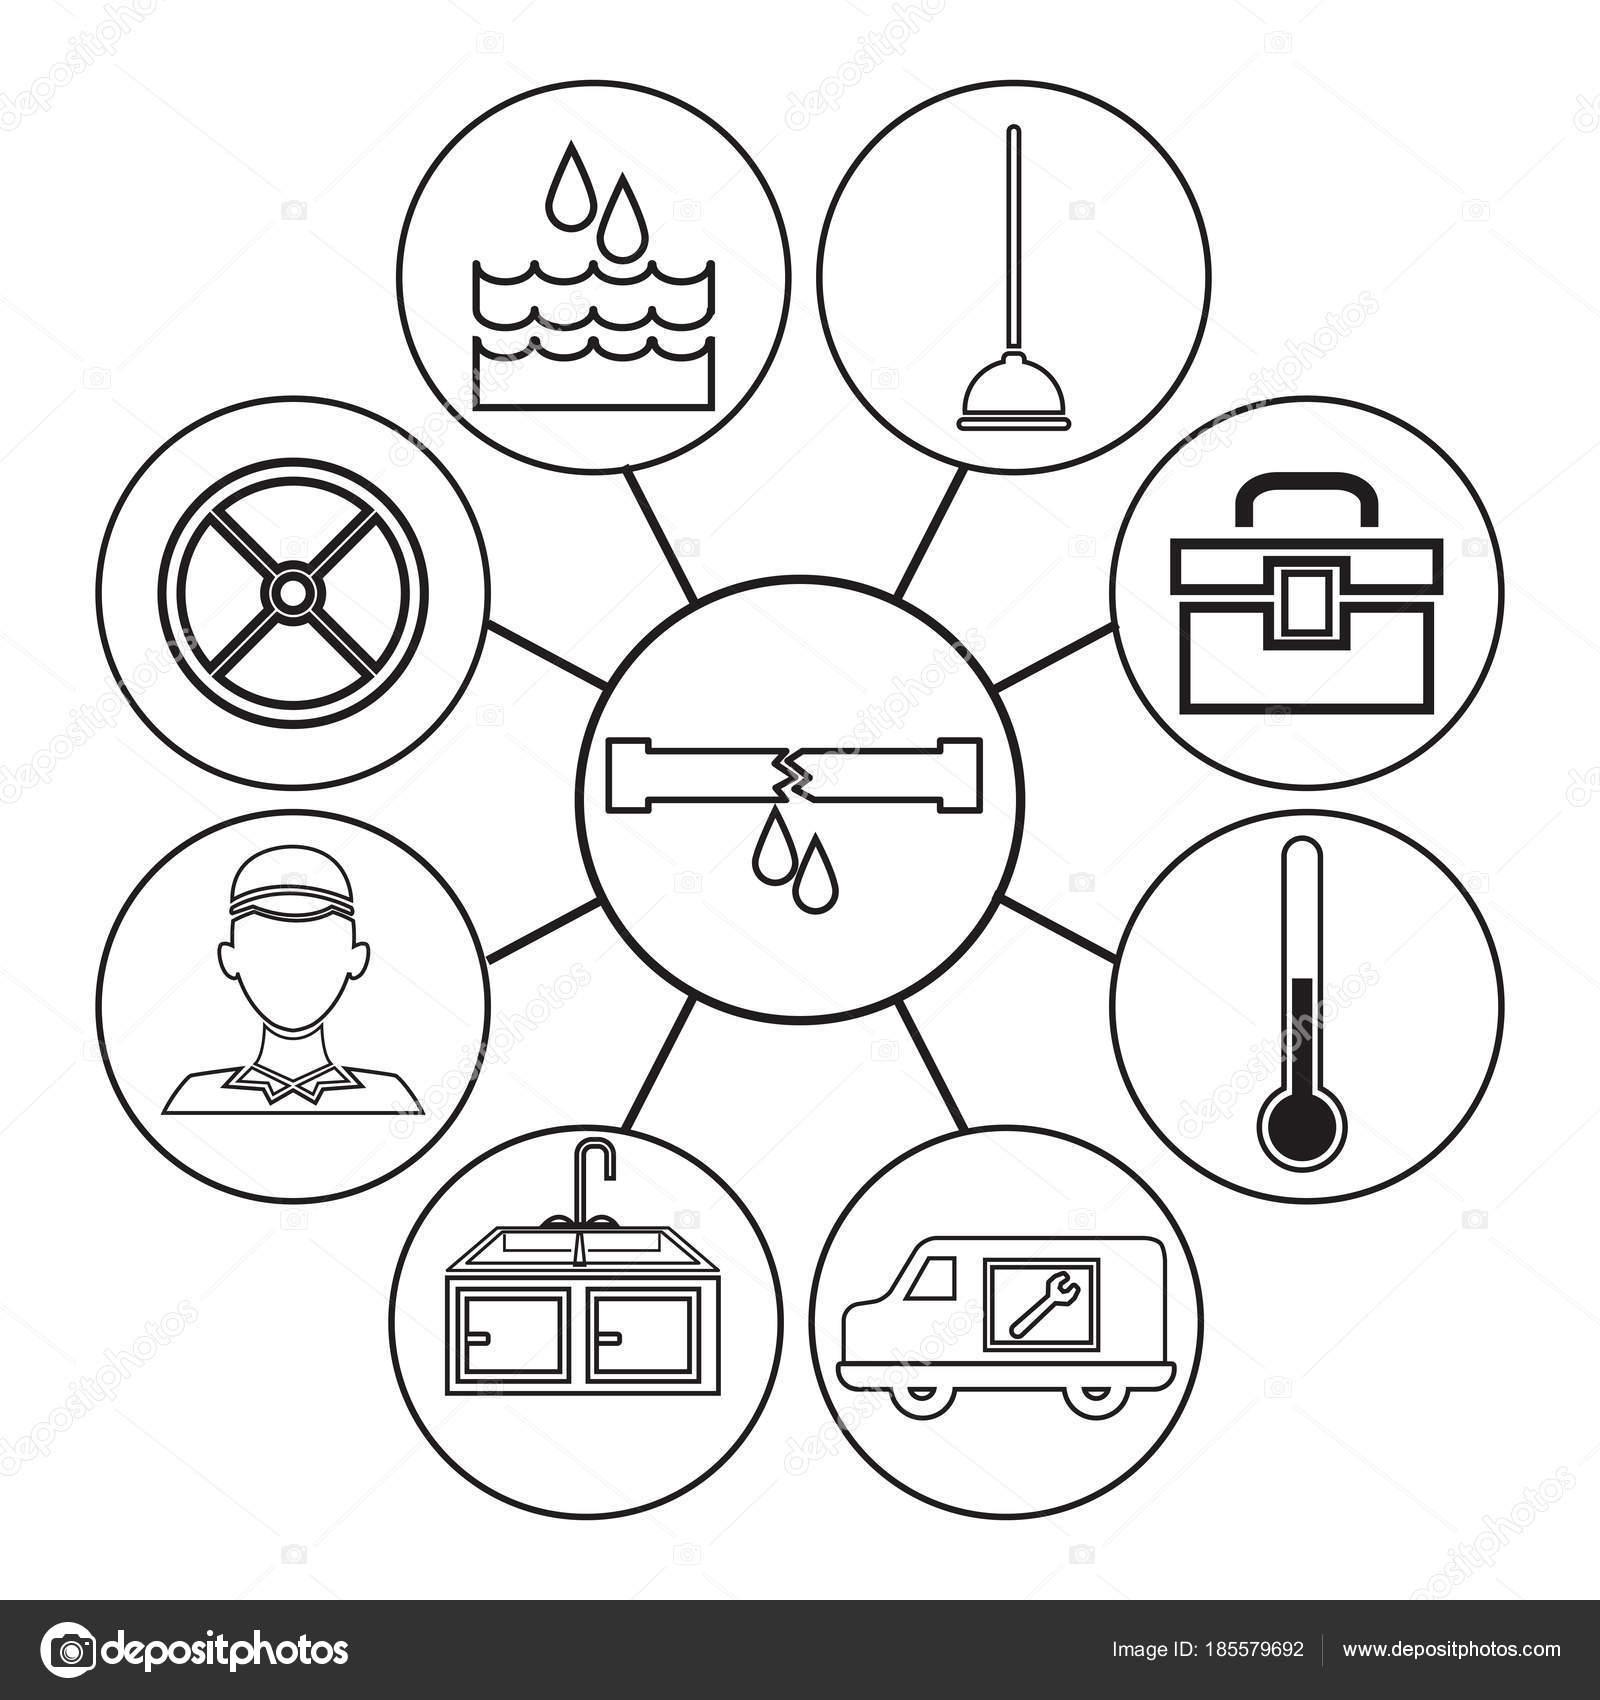 Los iconos contorno dibujo de plomería conexión centro marco ...